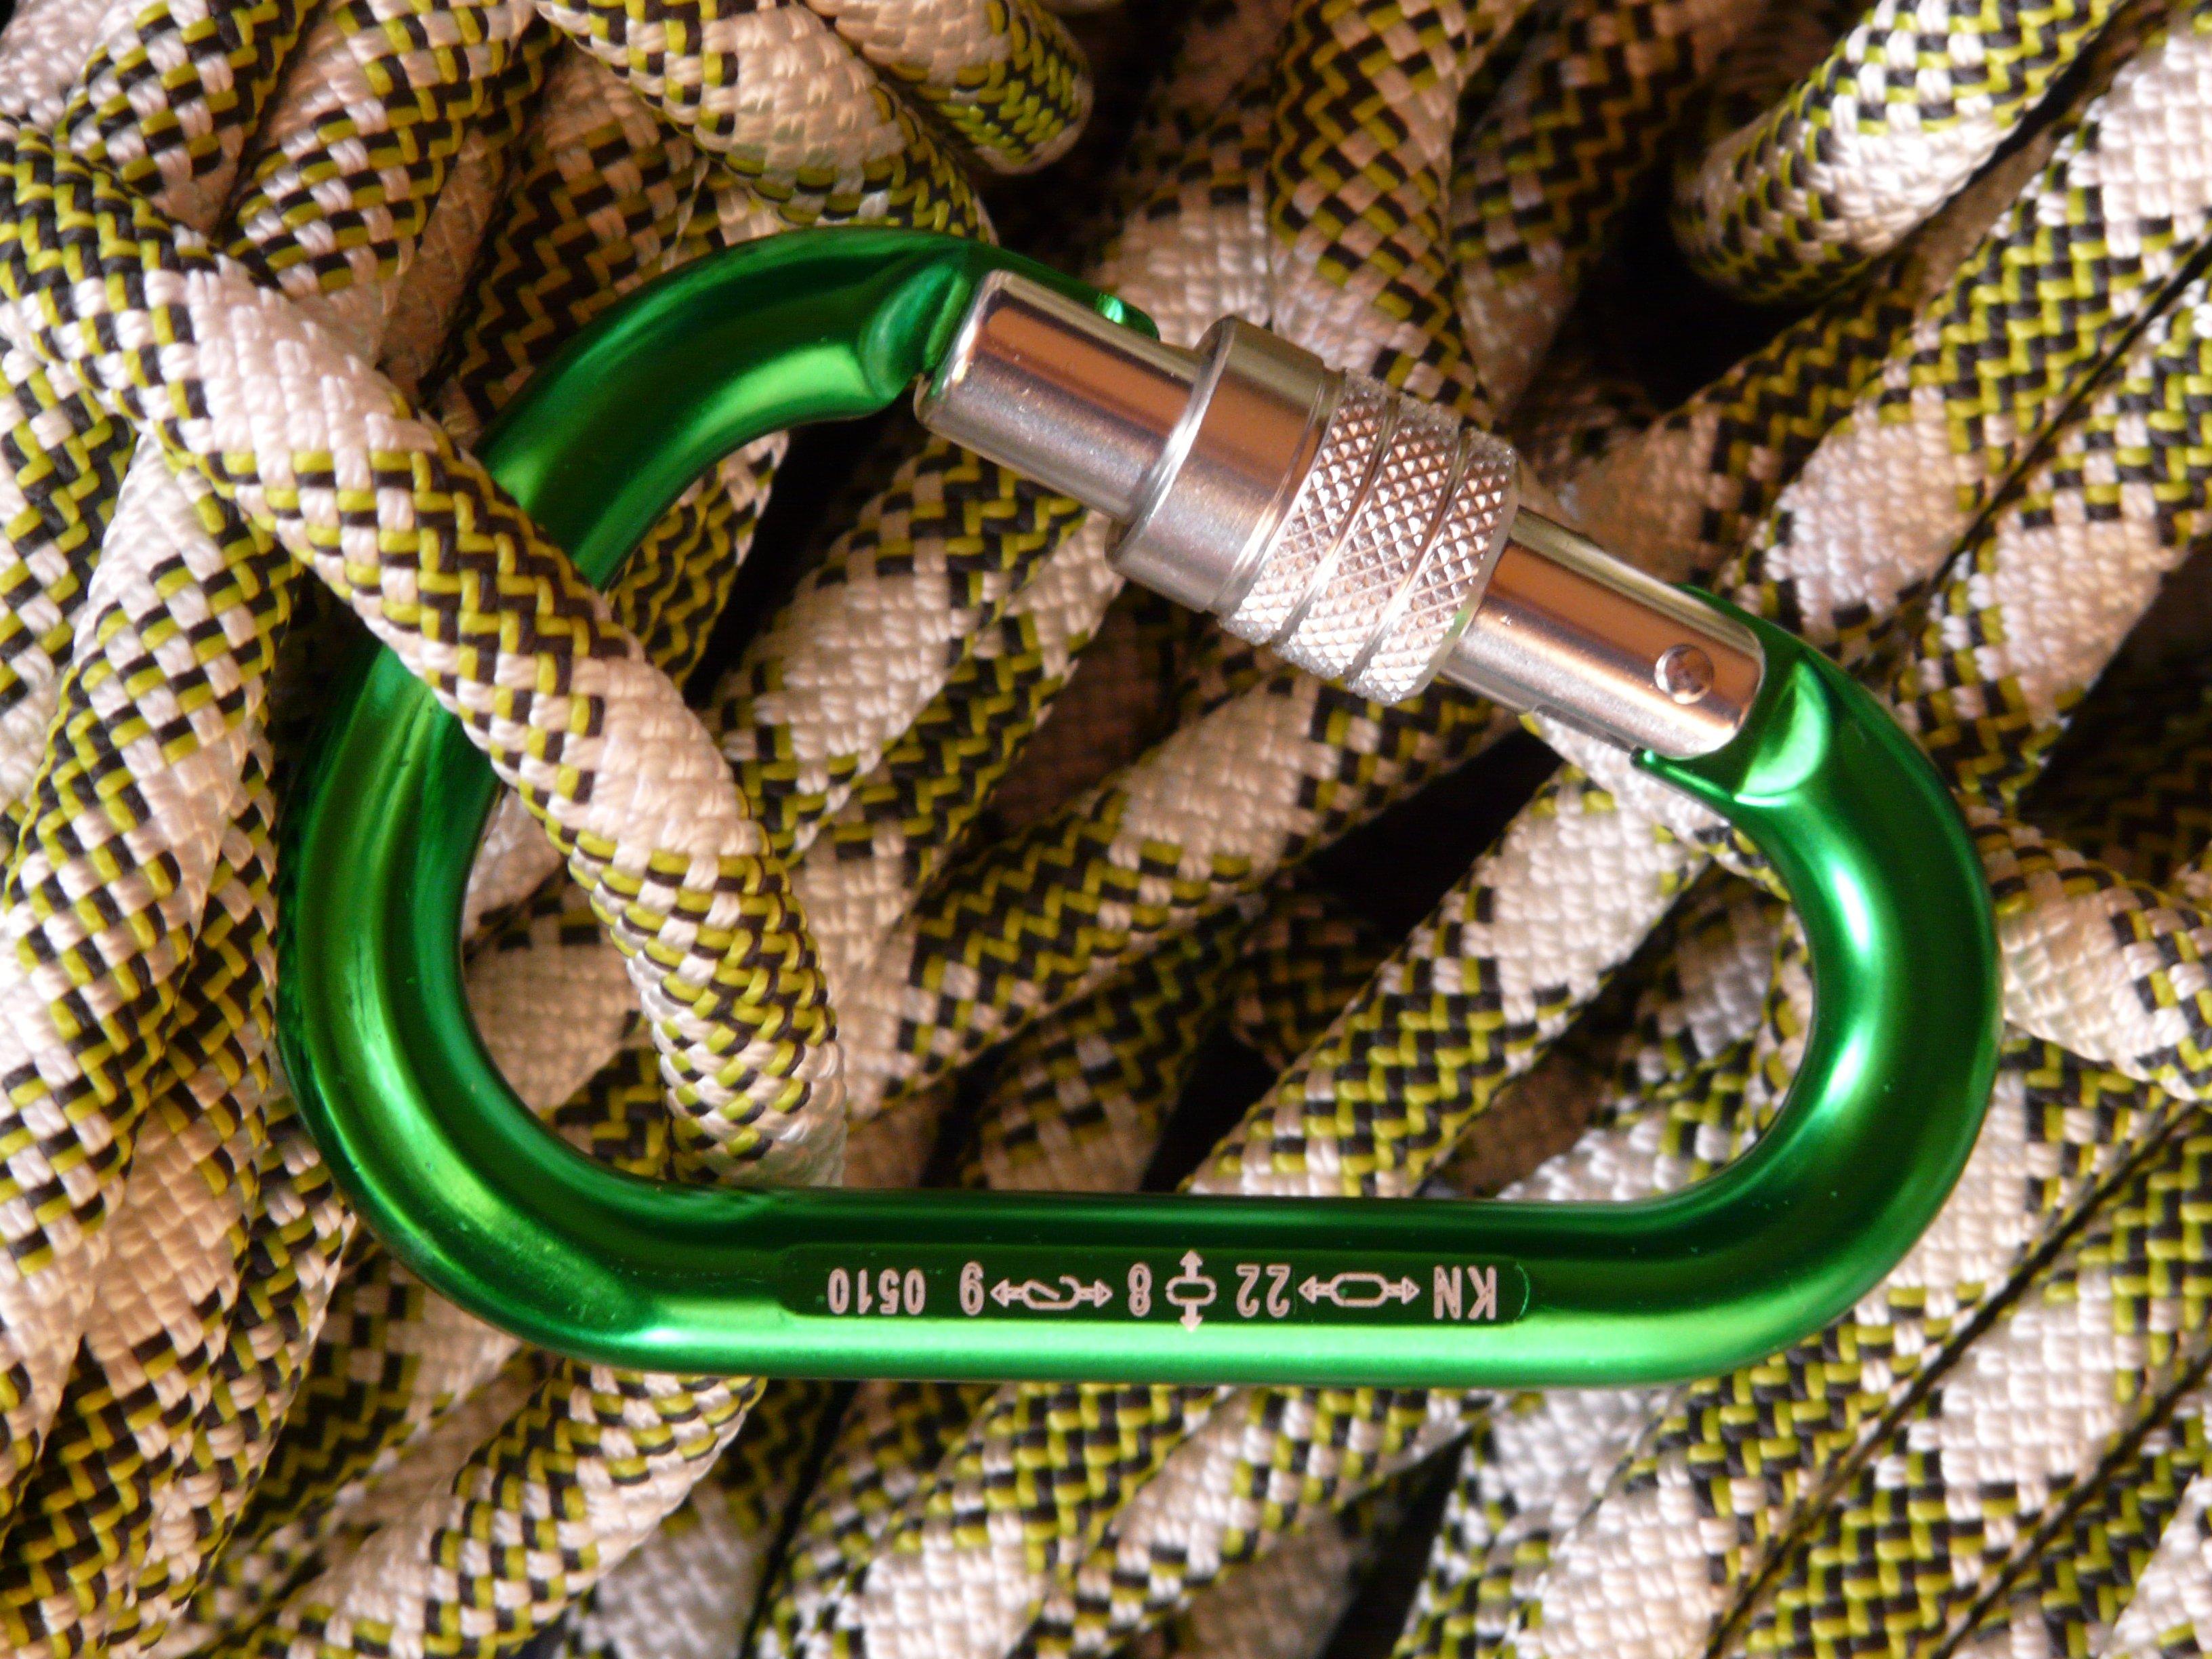 Kostenlose foto : Seil, Grün, Sicherheit, steigen, Bergsteigen ...